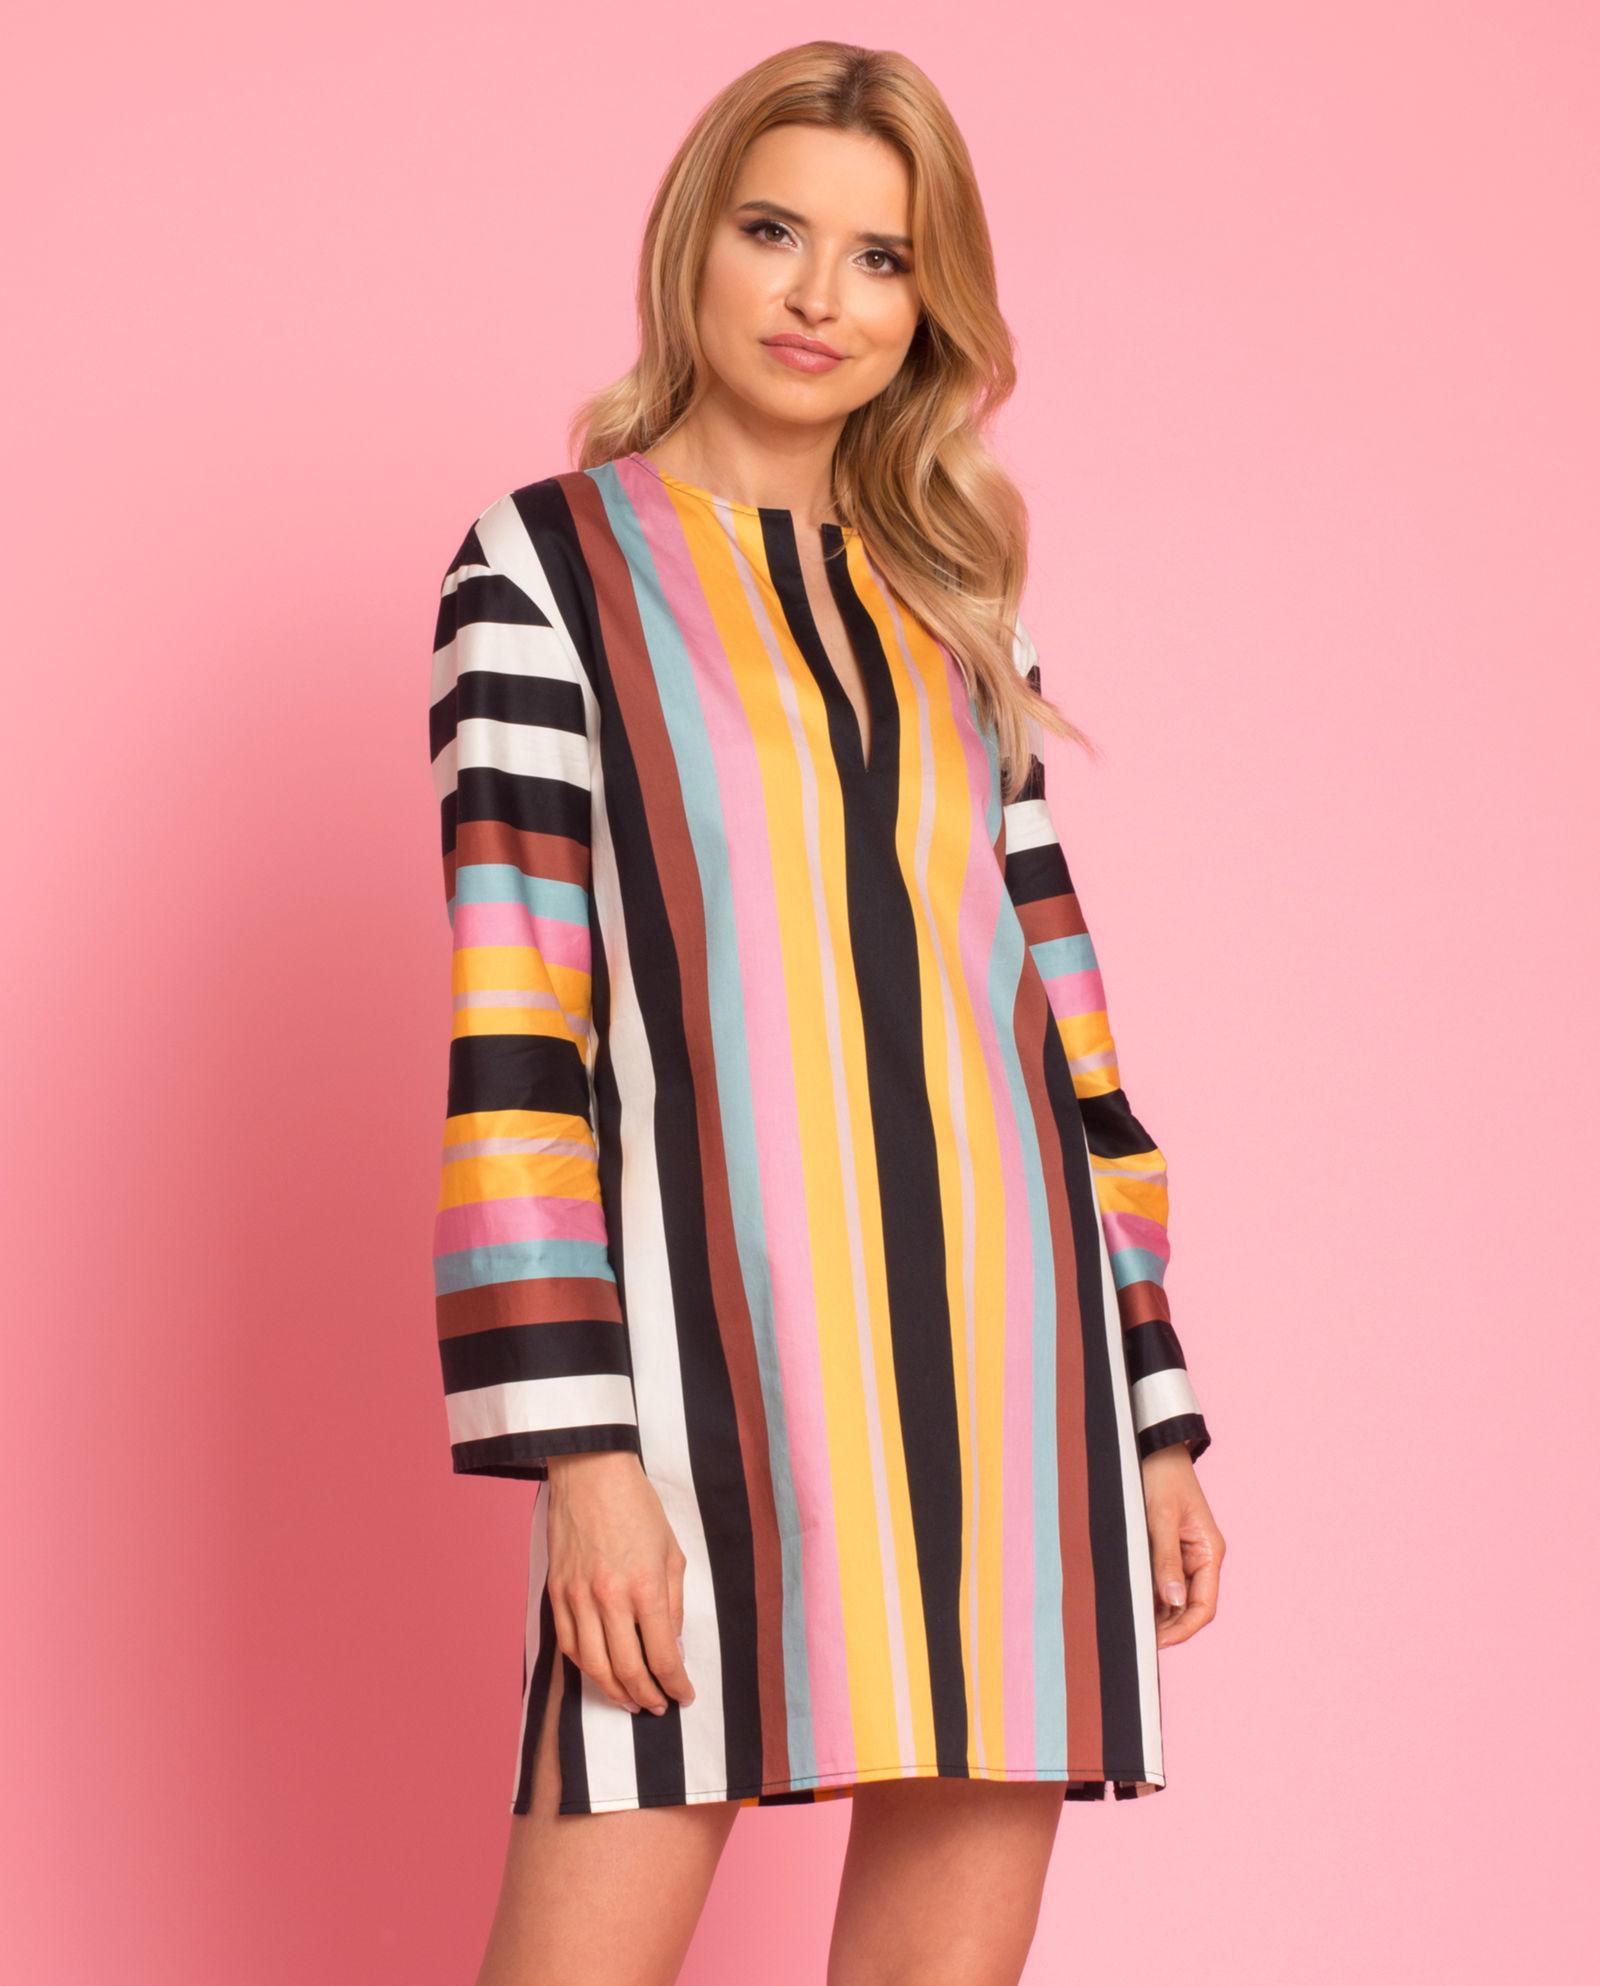 5eaa92fcca532e Sukienka plażowa w paski TORY BURCH – Kup Teraz! Najlepsze ceny i opinie!  Sklep Moliera2.com